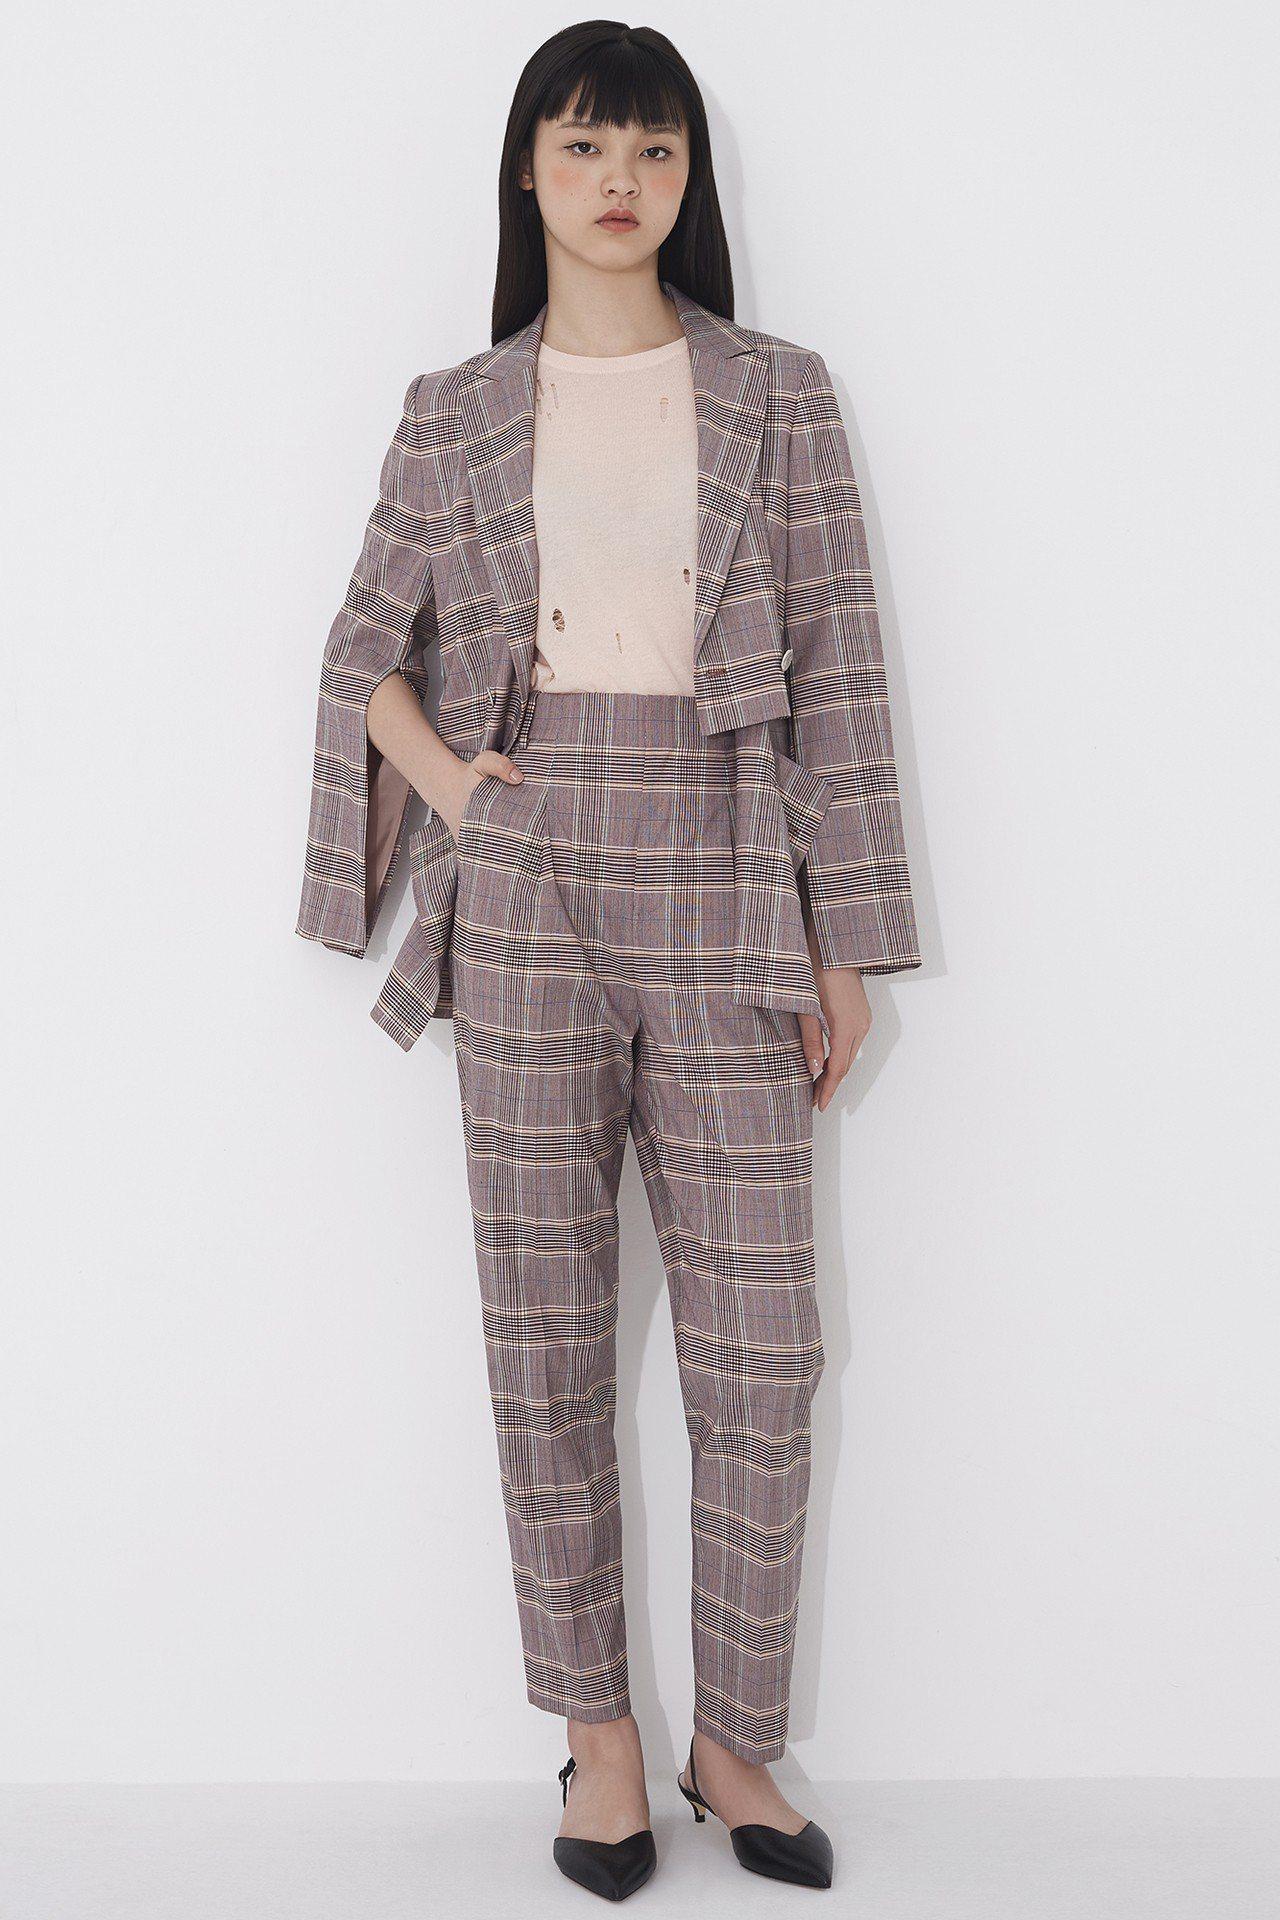 PortsPURE造型西裝外套,售價25,800元。圖/微風精品提供